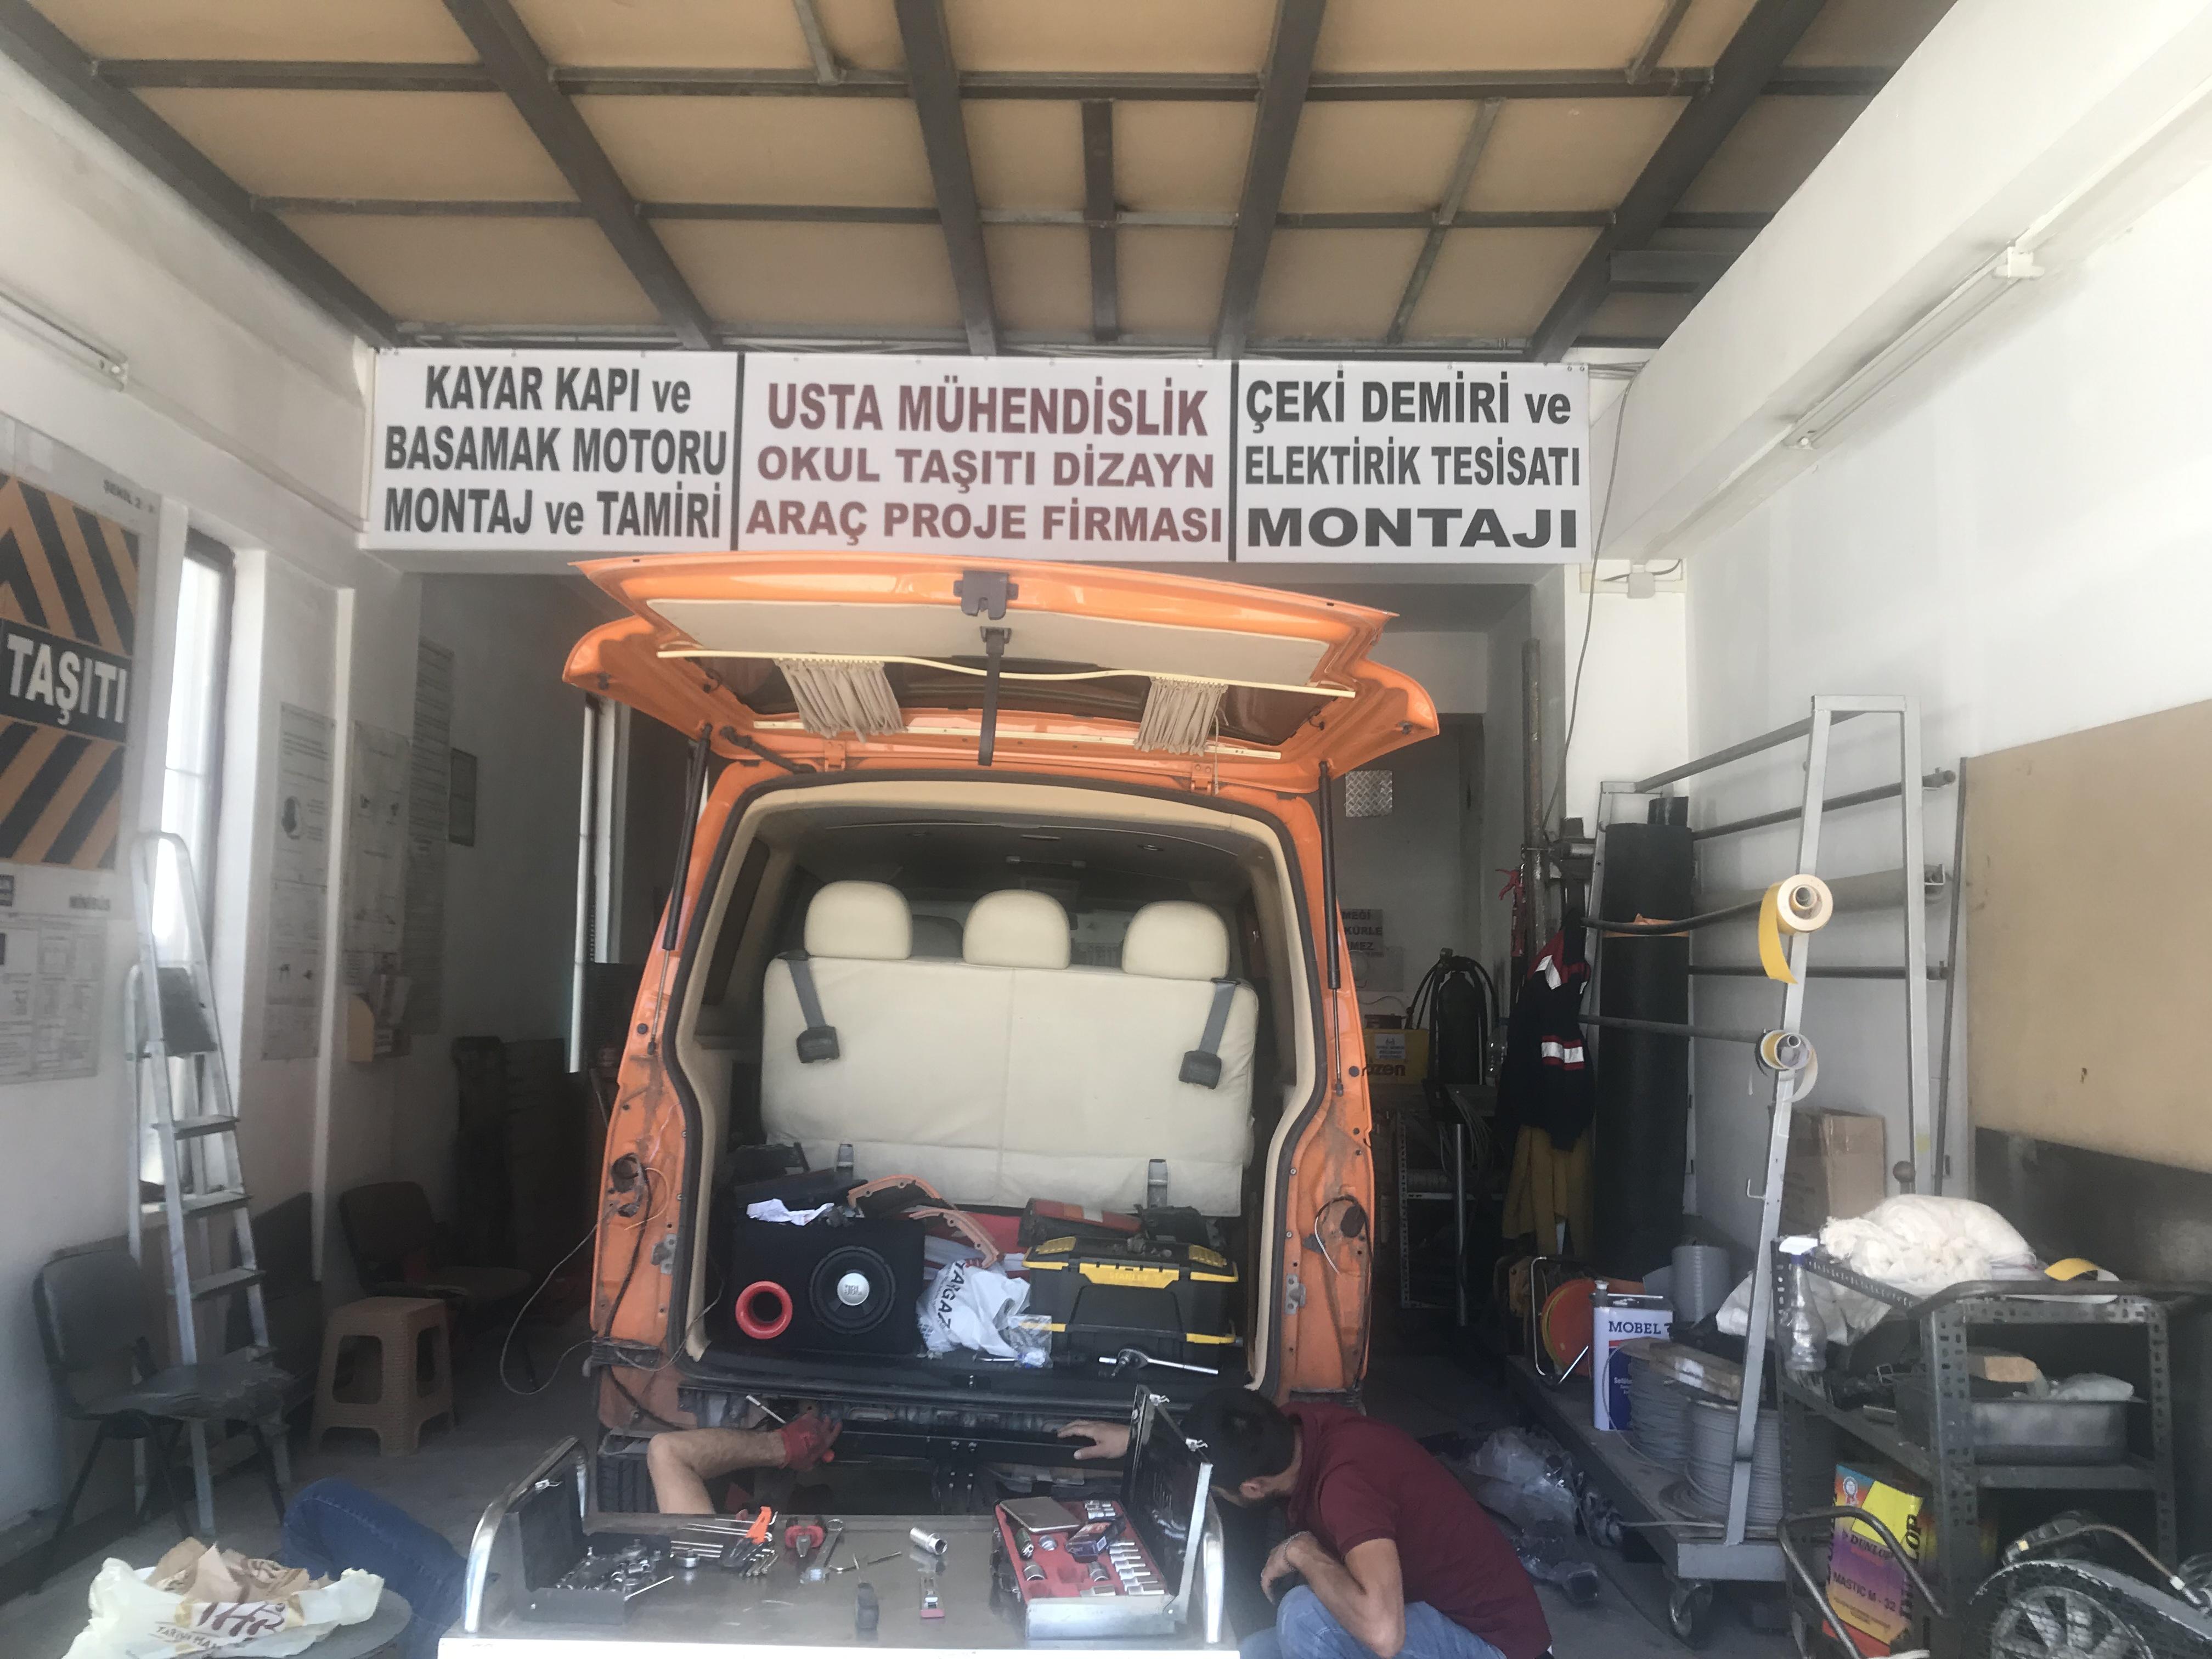 VOLSWAGEN TRANSPOTER⇔ ÇEKİ DEMİRİ TAKMA MONTESİ ⇔ ARAÇ PROJE ANKARA